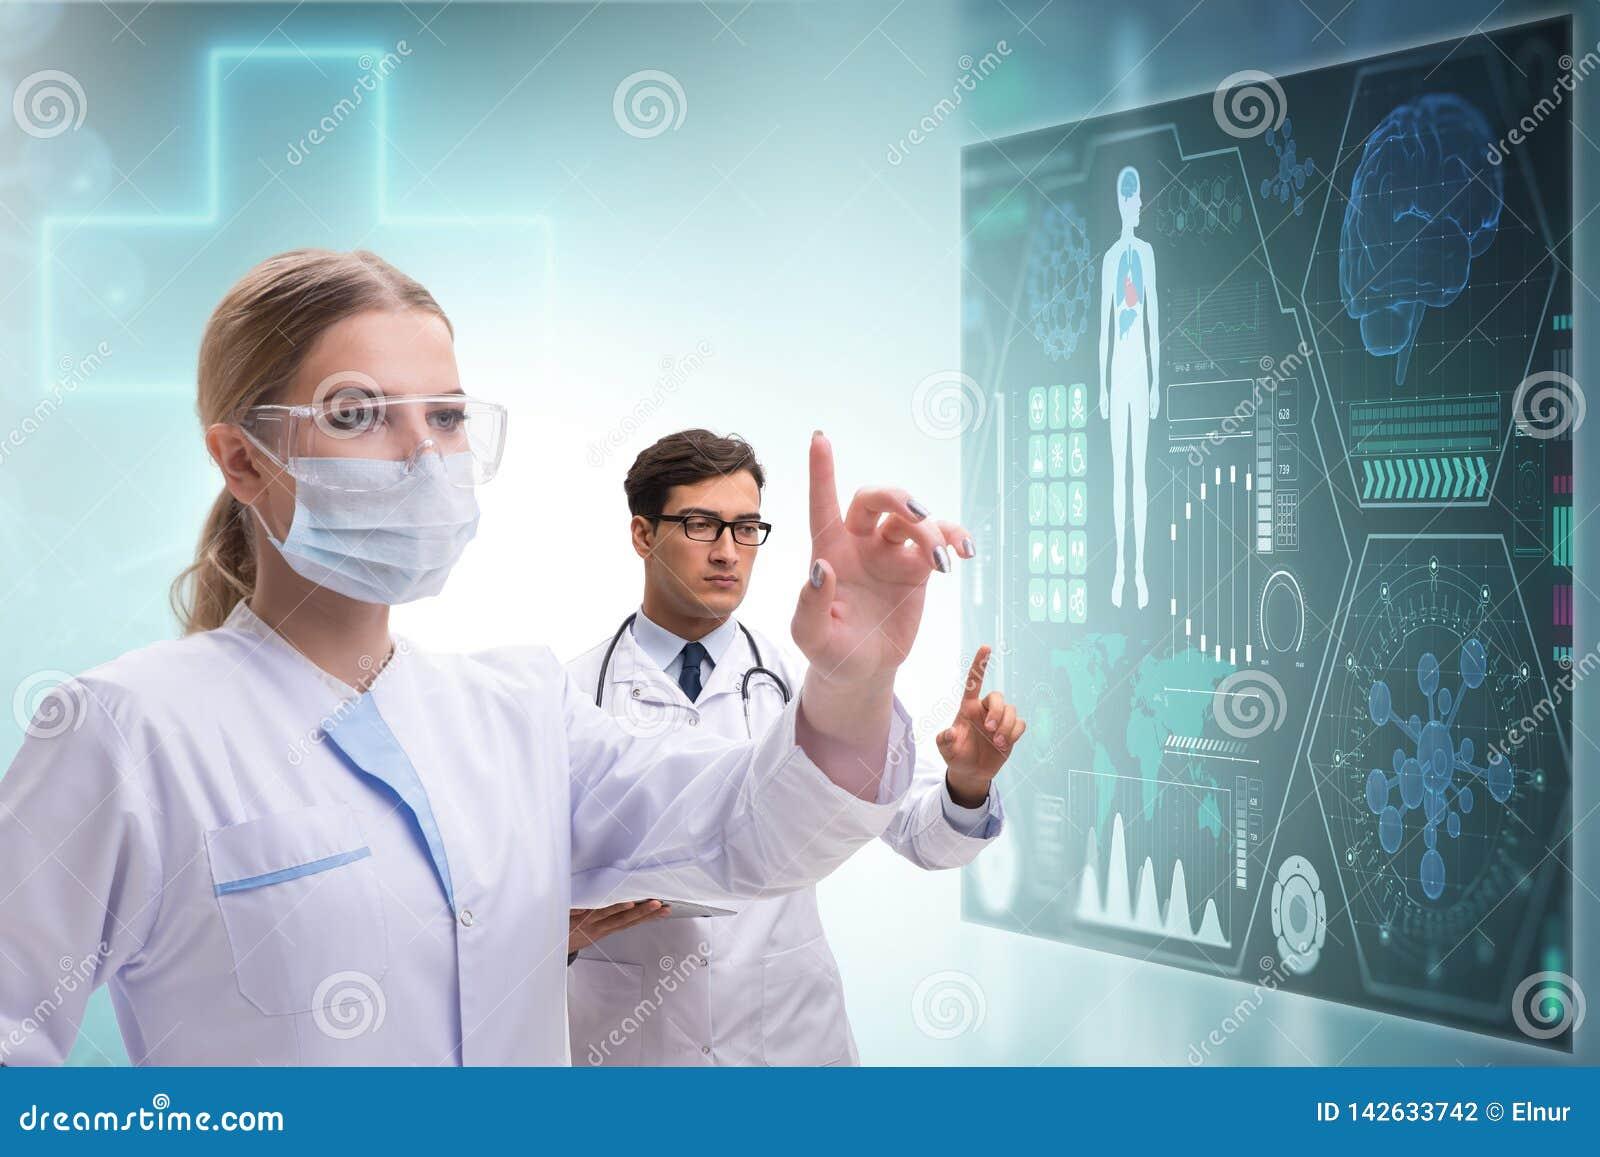 The Doctors In Future Telemedicine Concept Stock